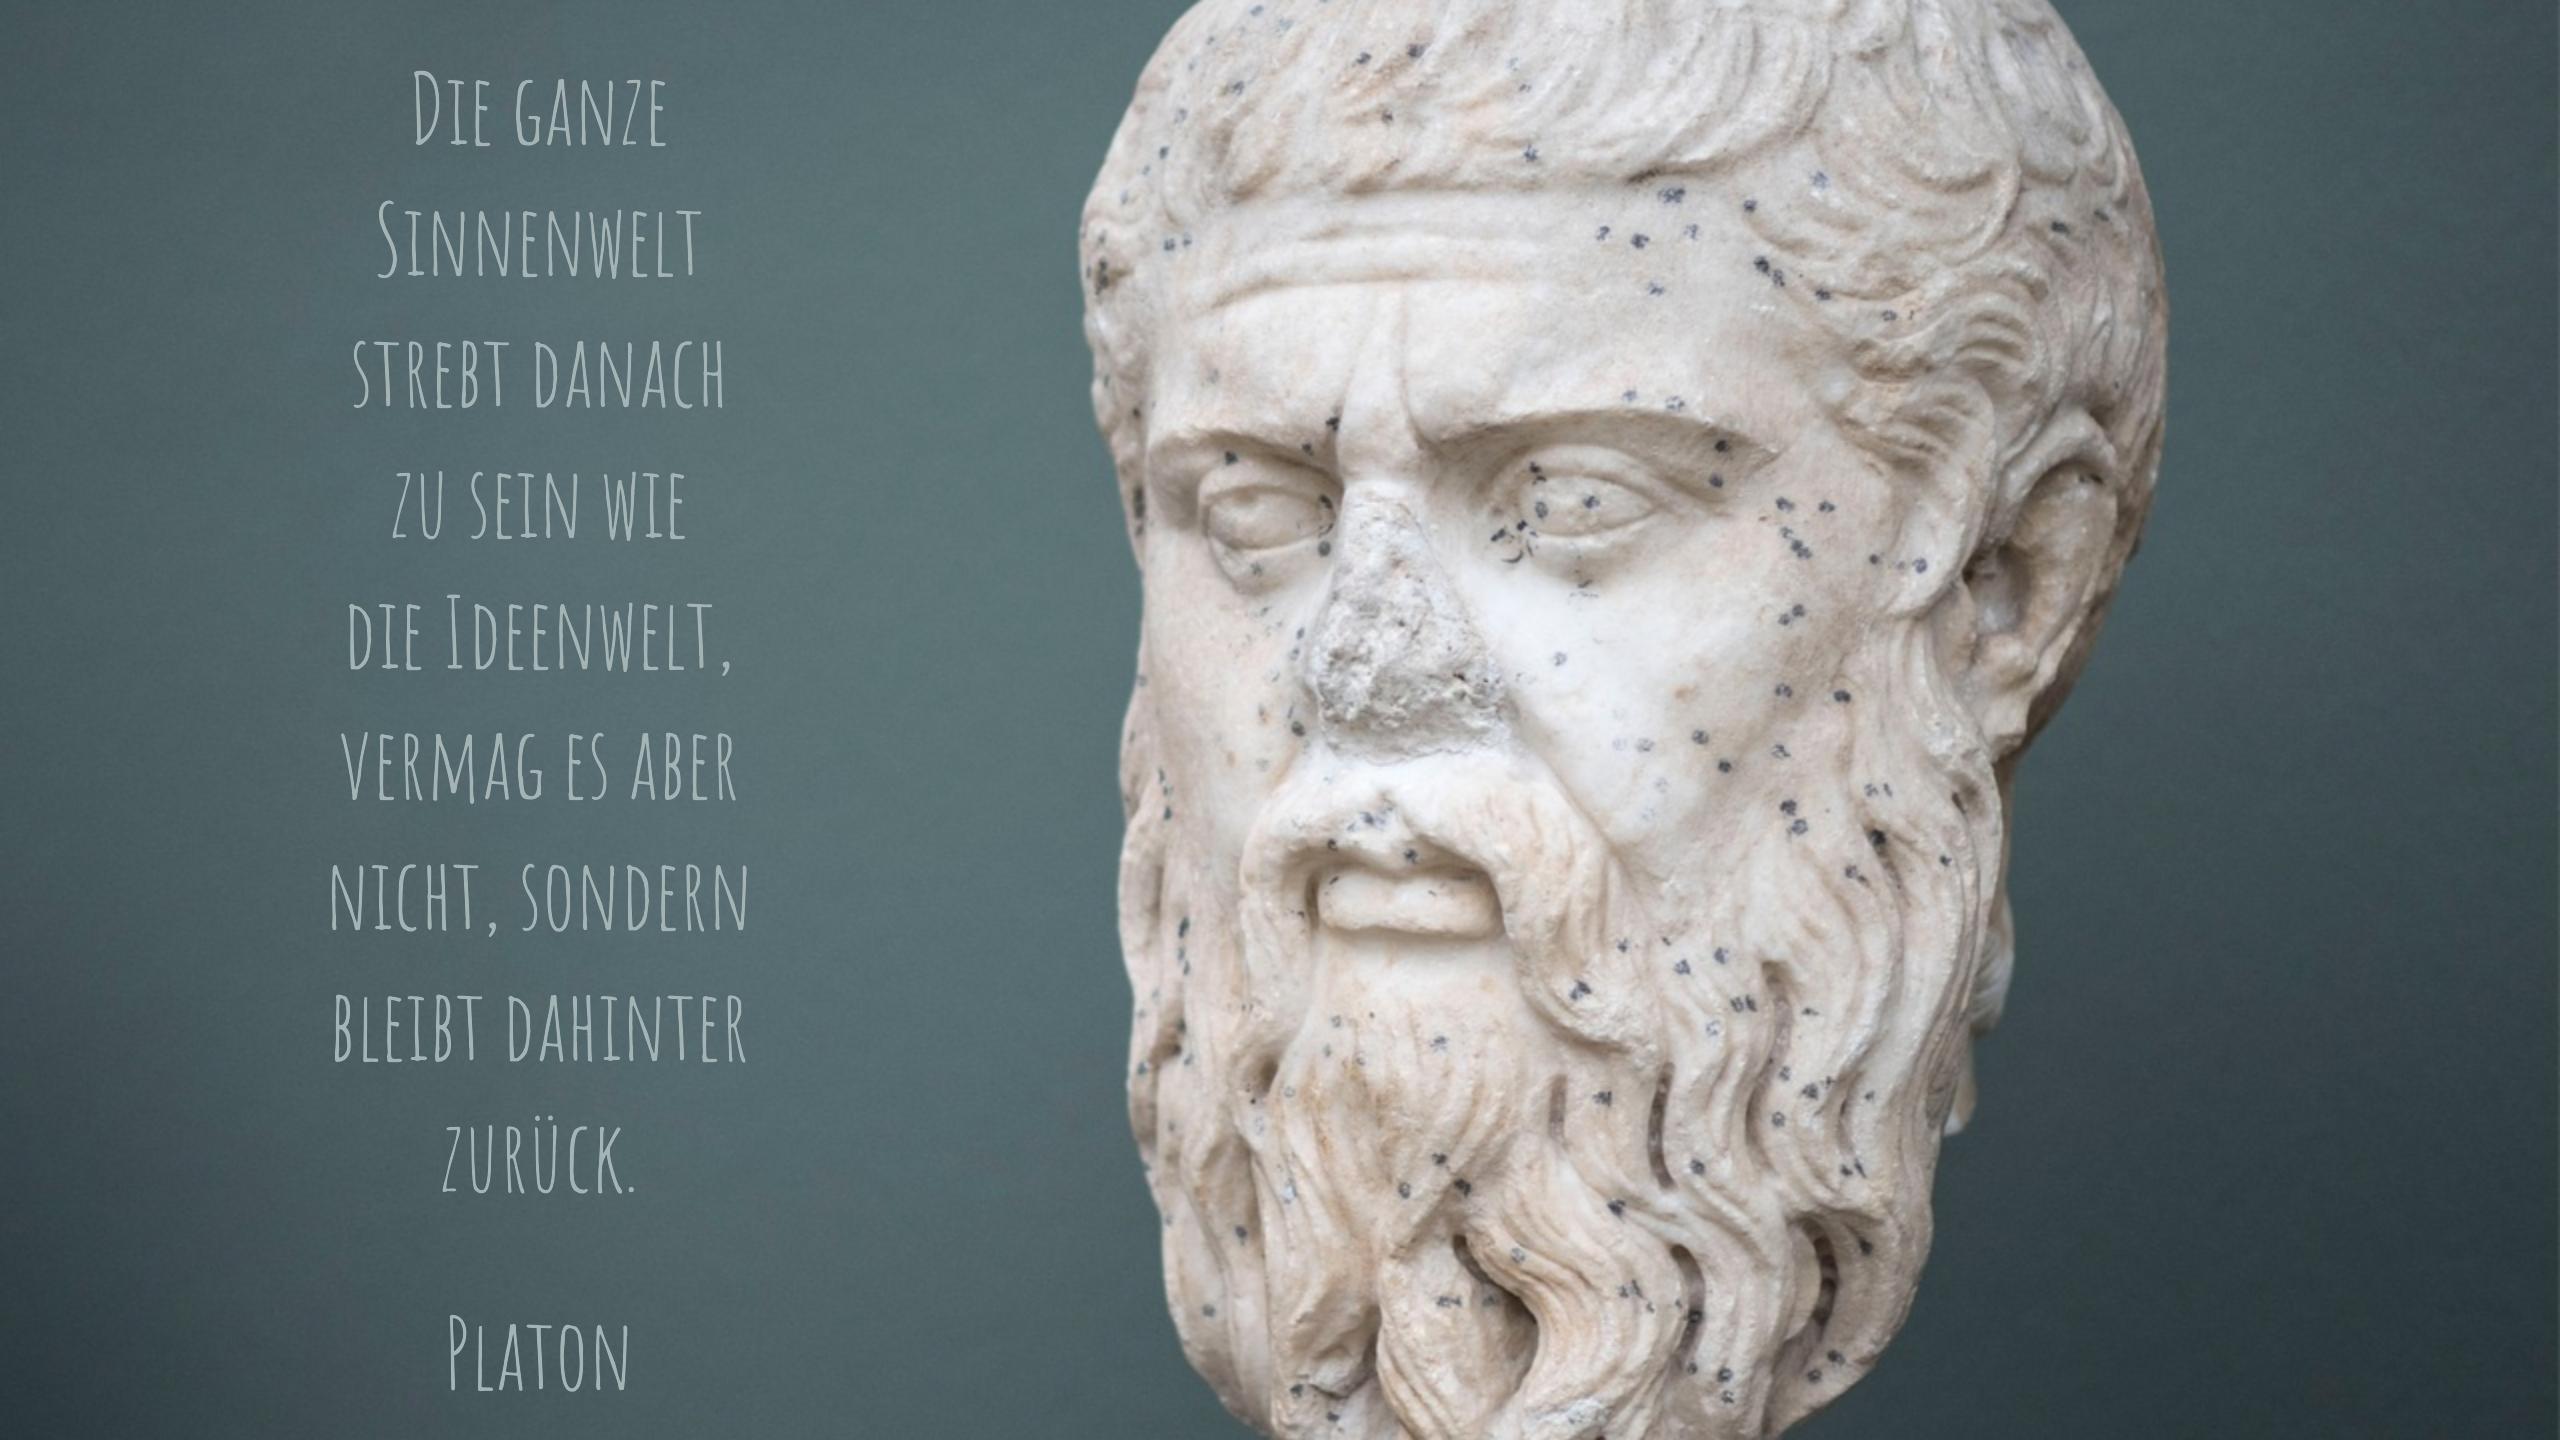 Verräterische Freunde: Platon